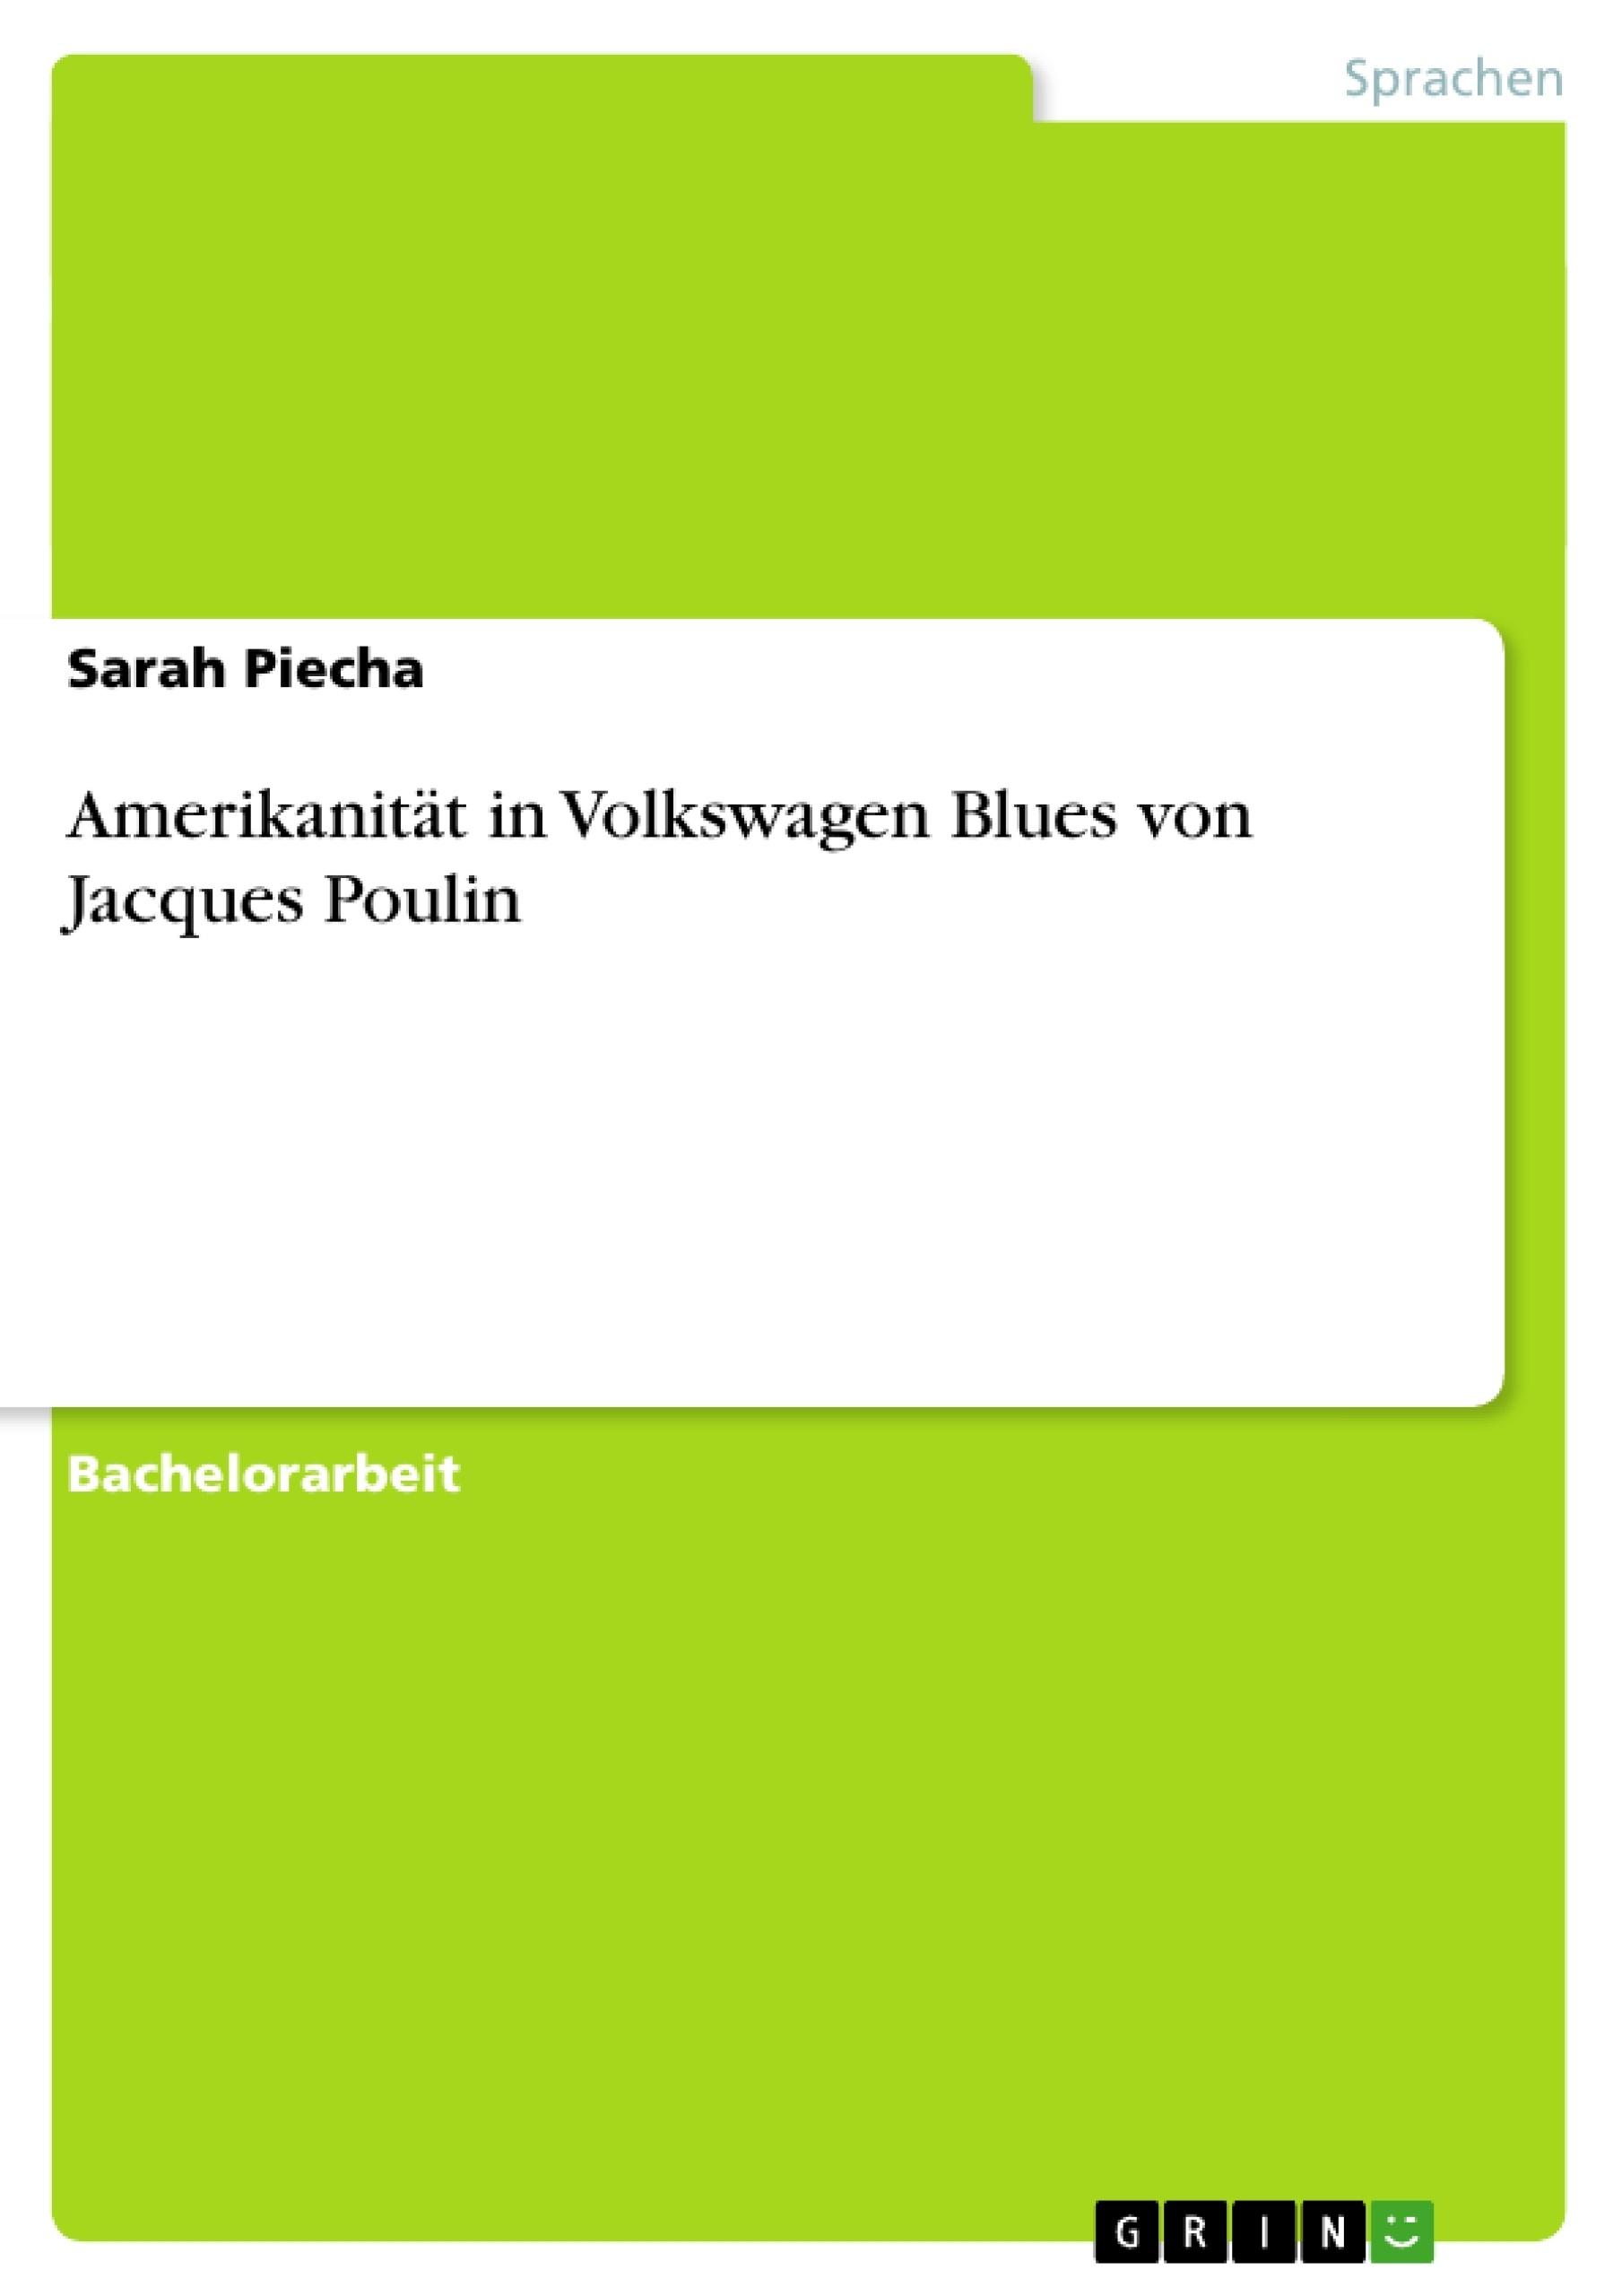 Titel: Amerikanität in Volkswagen Blues von Jacques Poulin